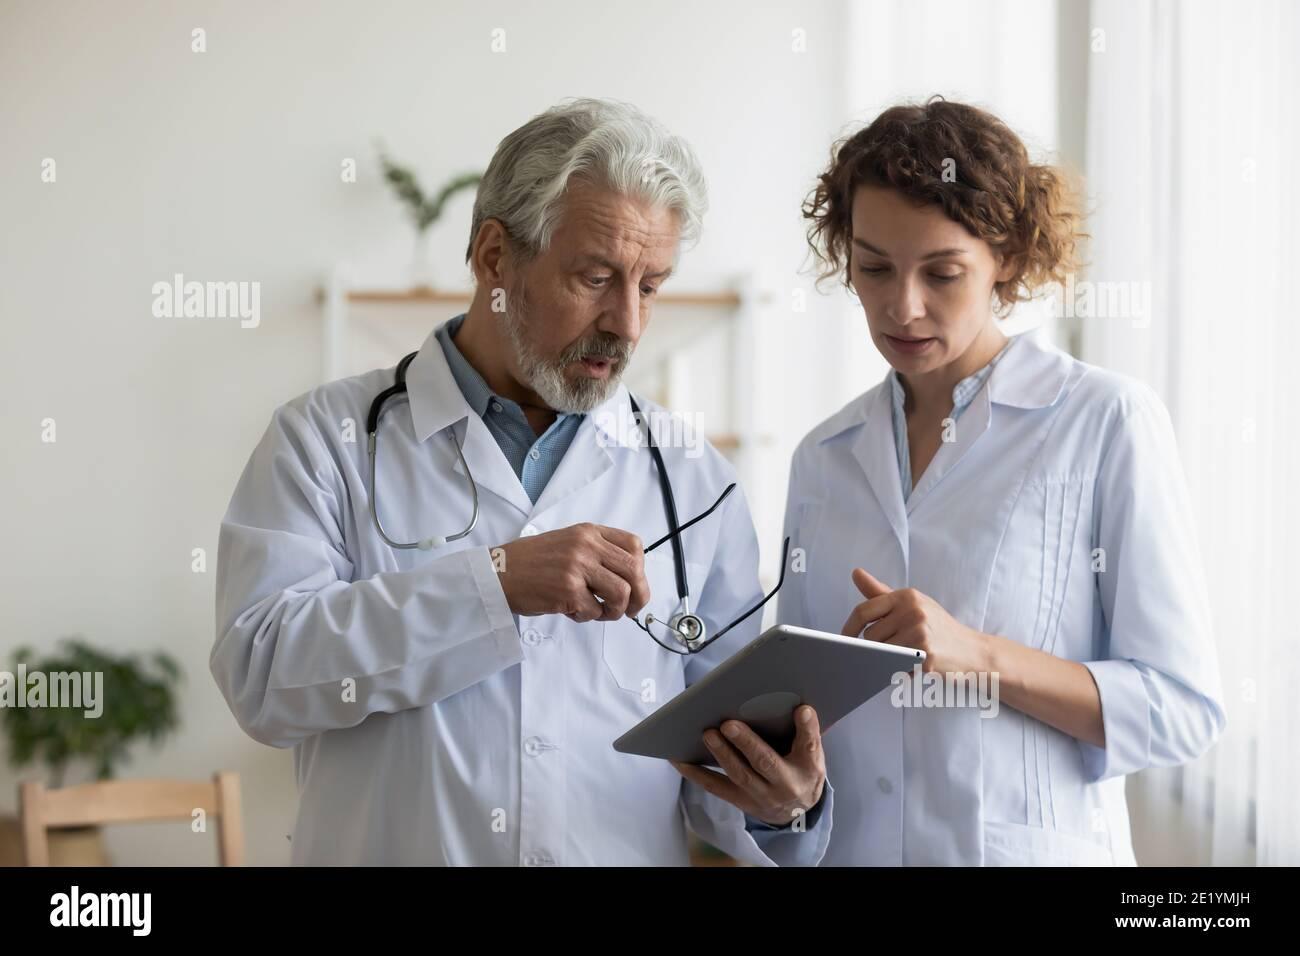 Médico anciano serio que discute los resultados de la prueba con un colega joven. Foto de stock